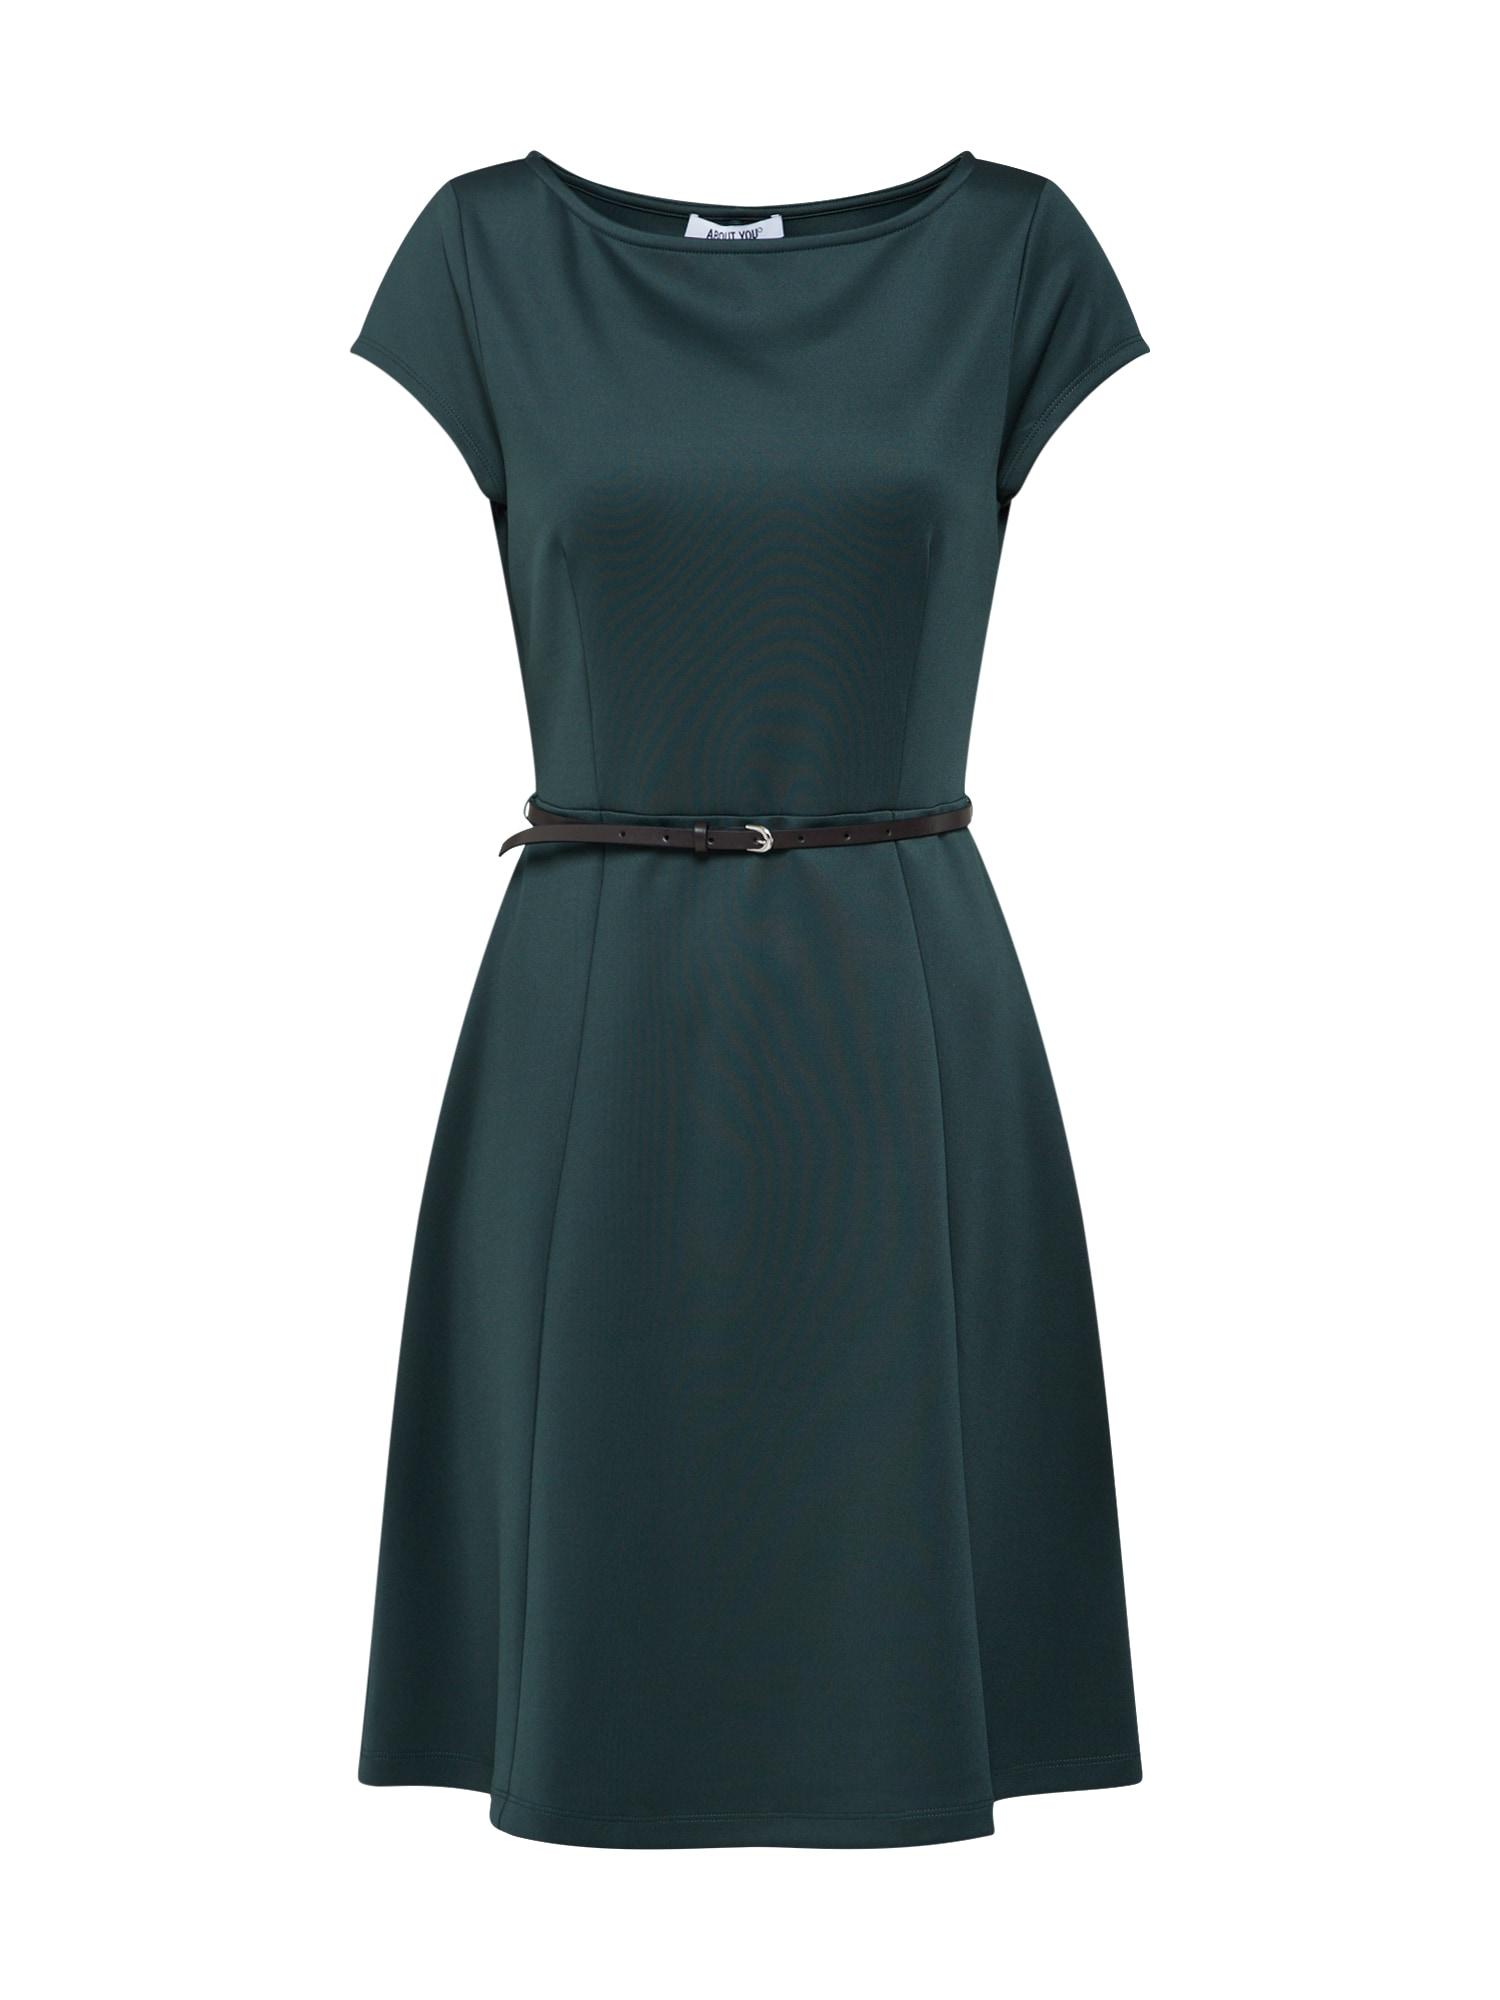 Šaty Vanessa tmavě zelená ABOUT YOU